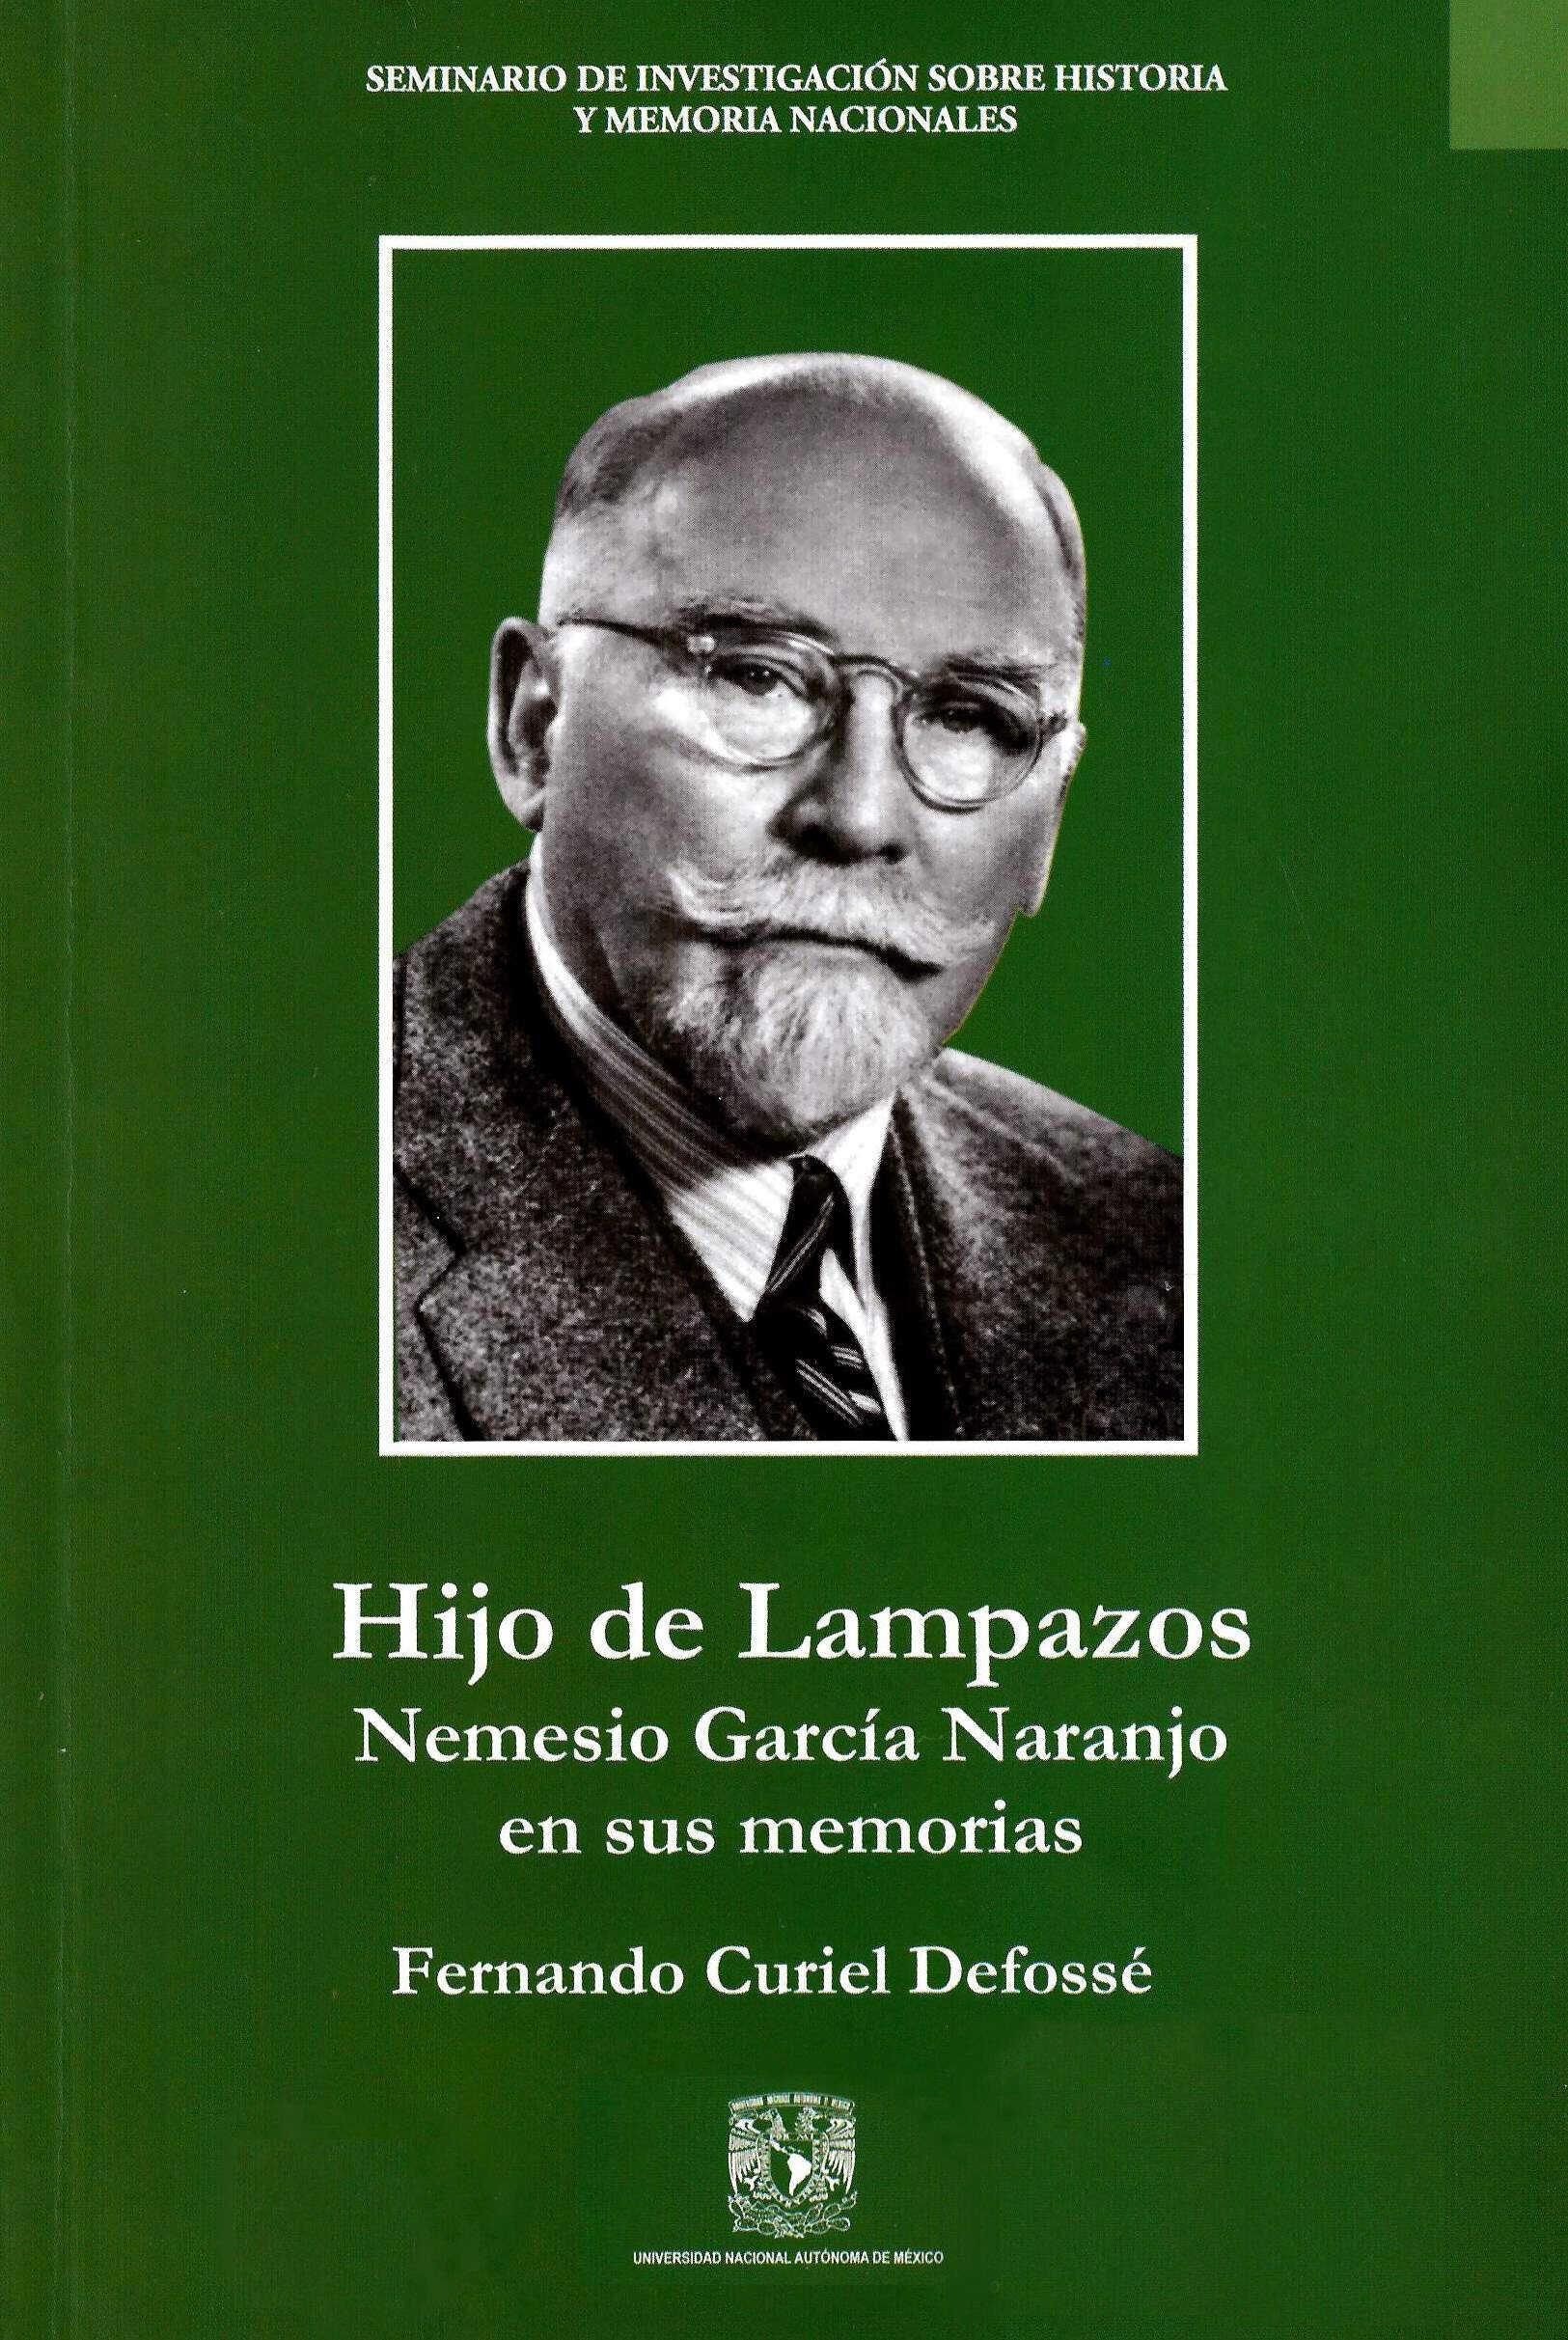 Hijo de Lampazos: Nemesio García Naranjo en sus memorias